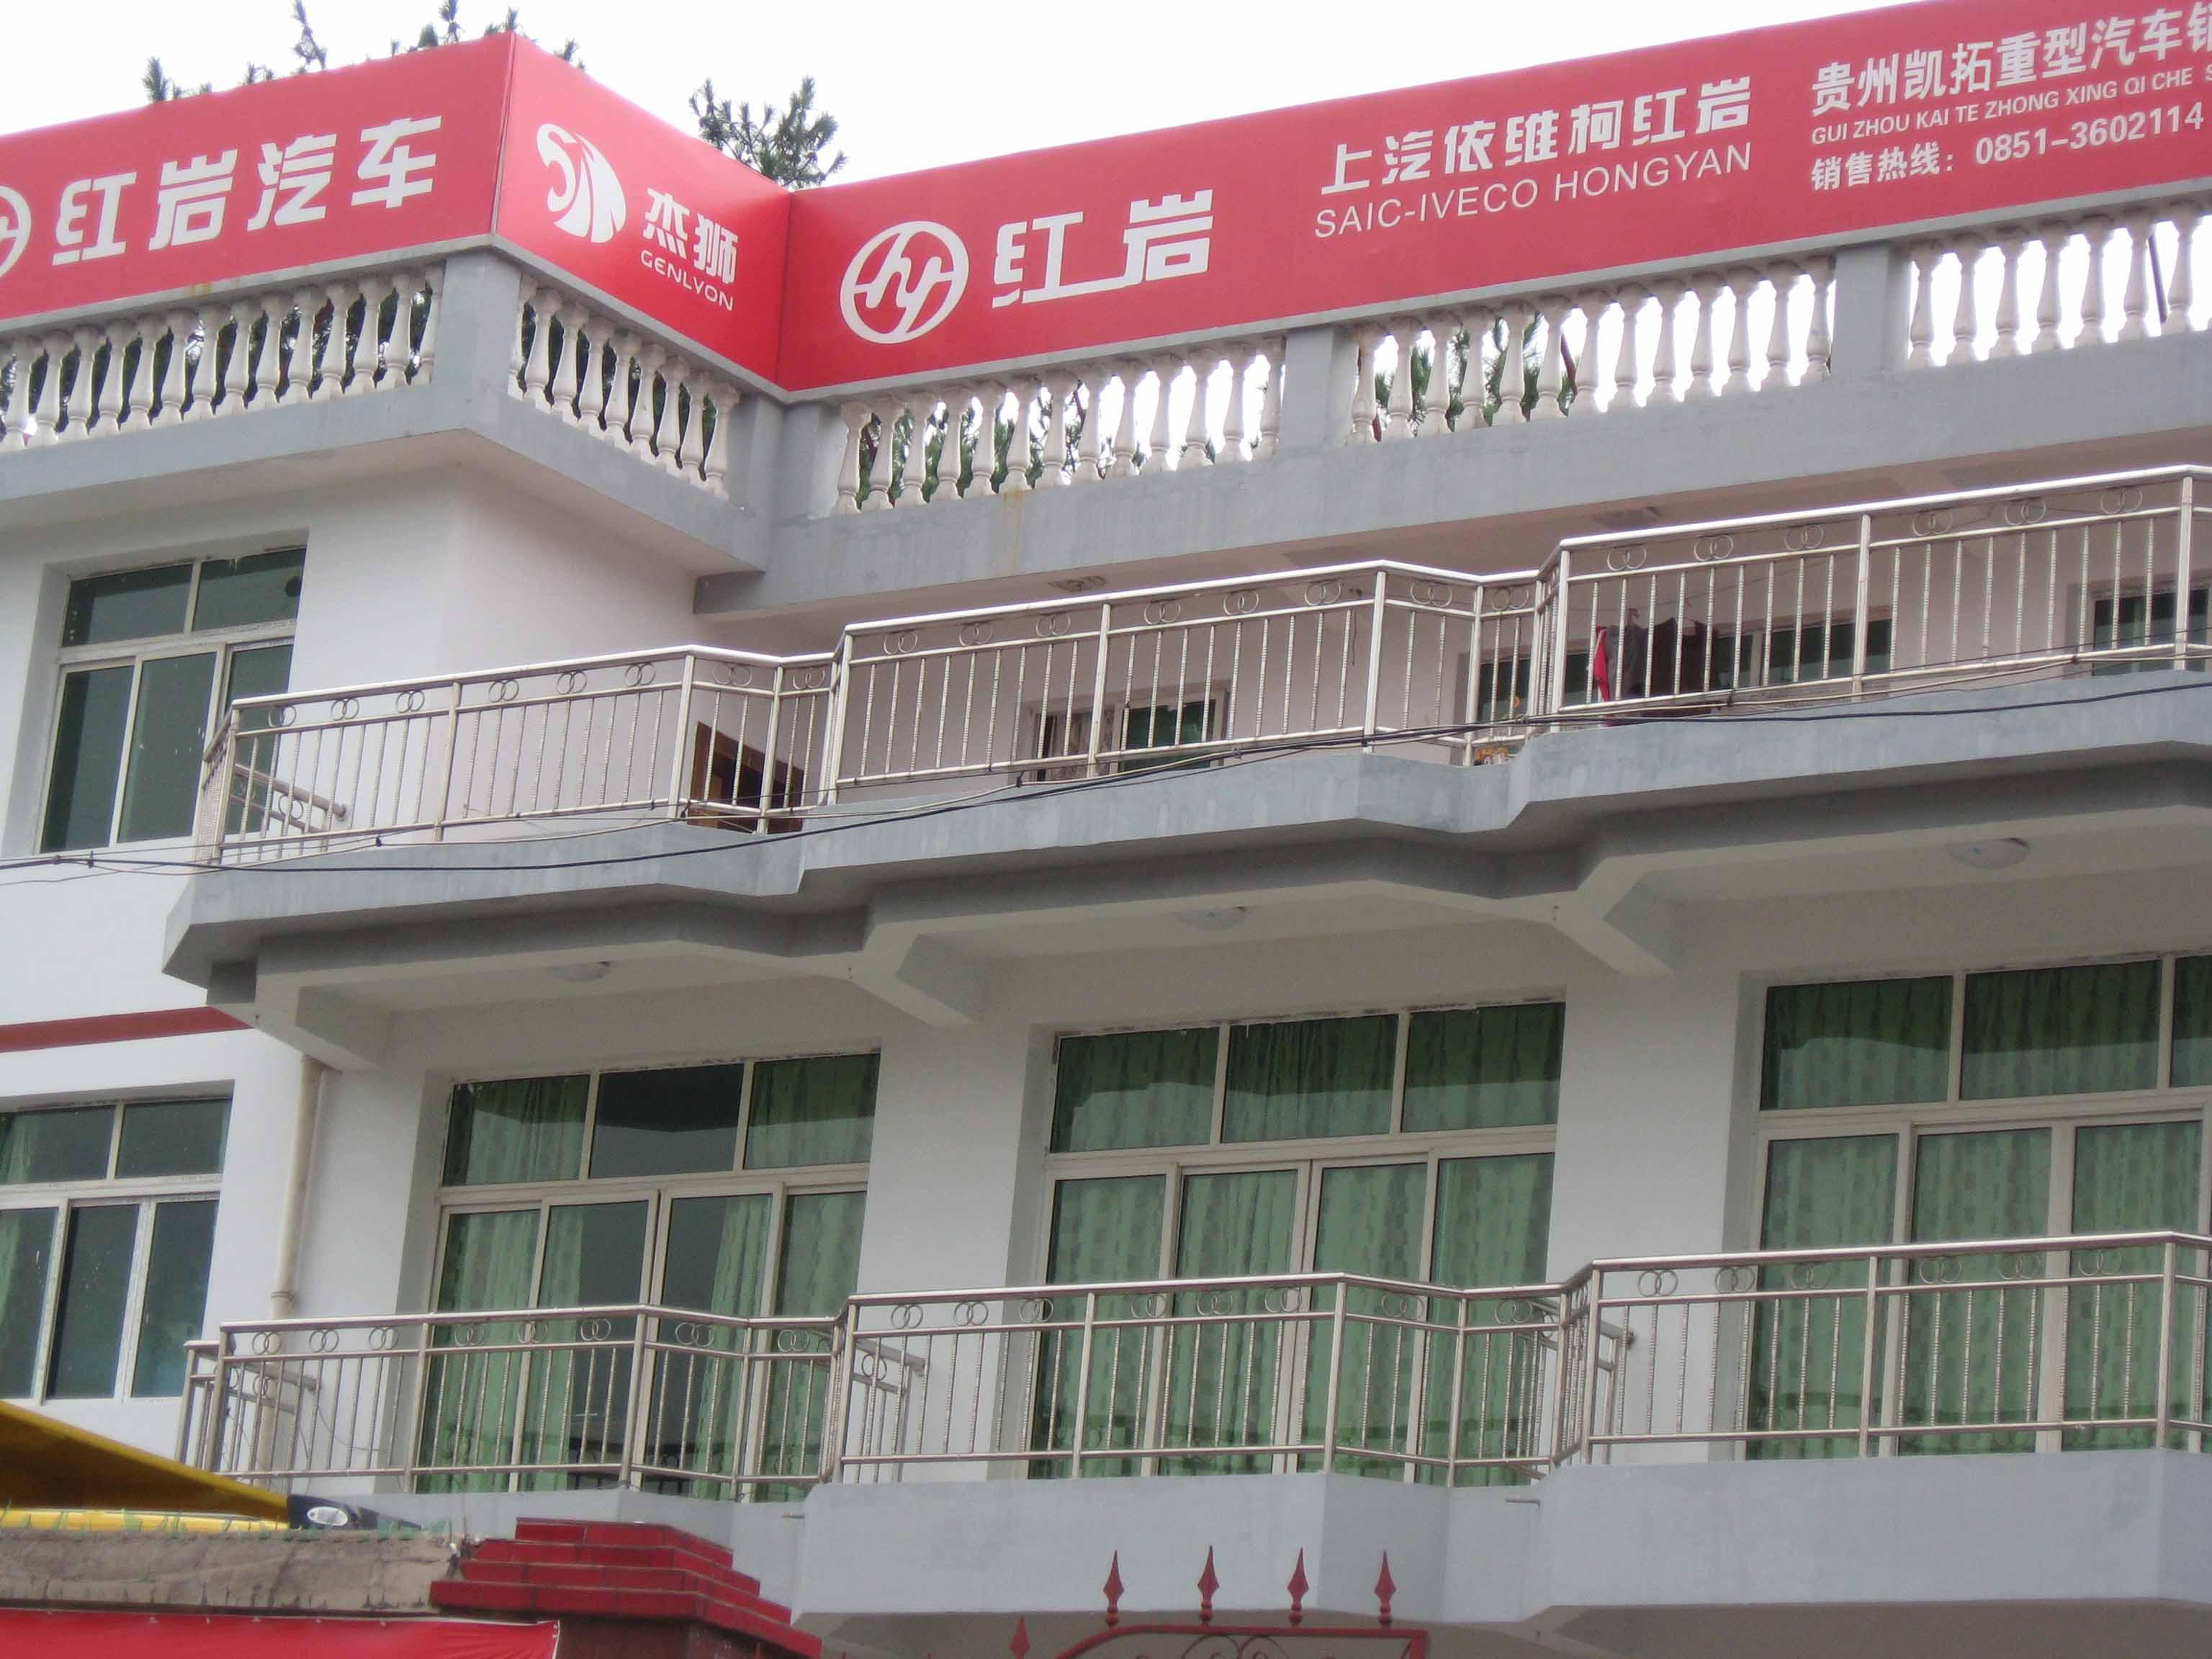 贵州凯拓重型汽车销售服务有限公司